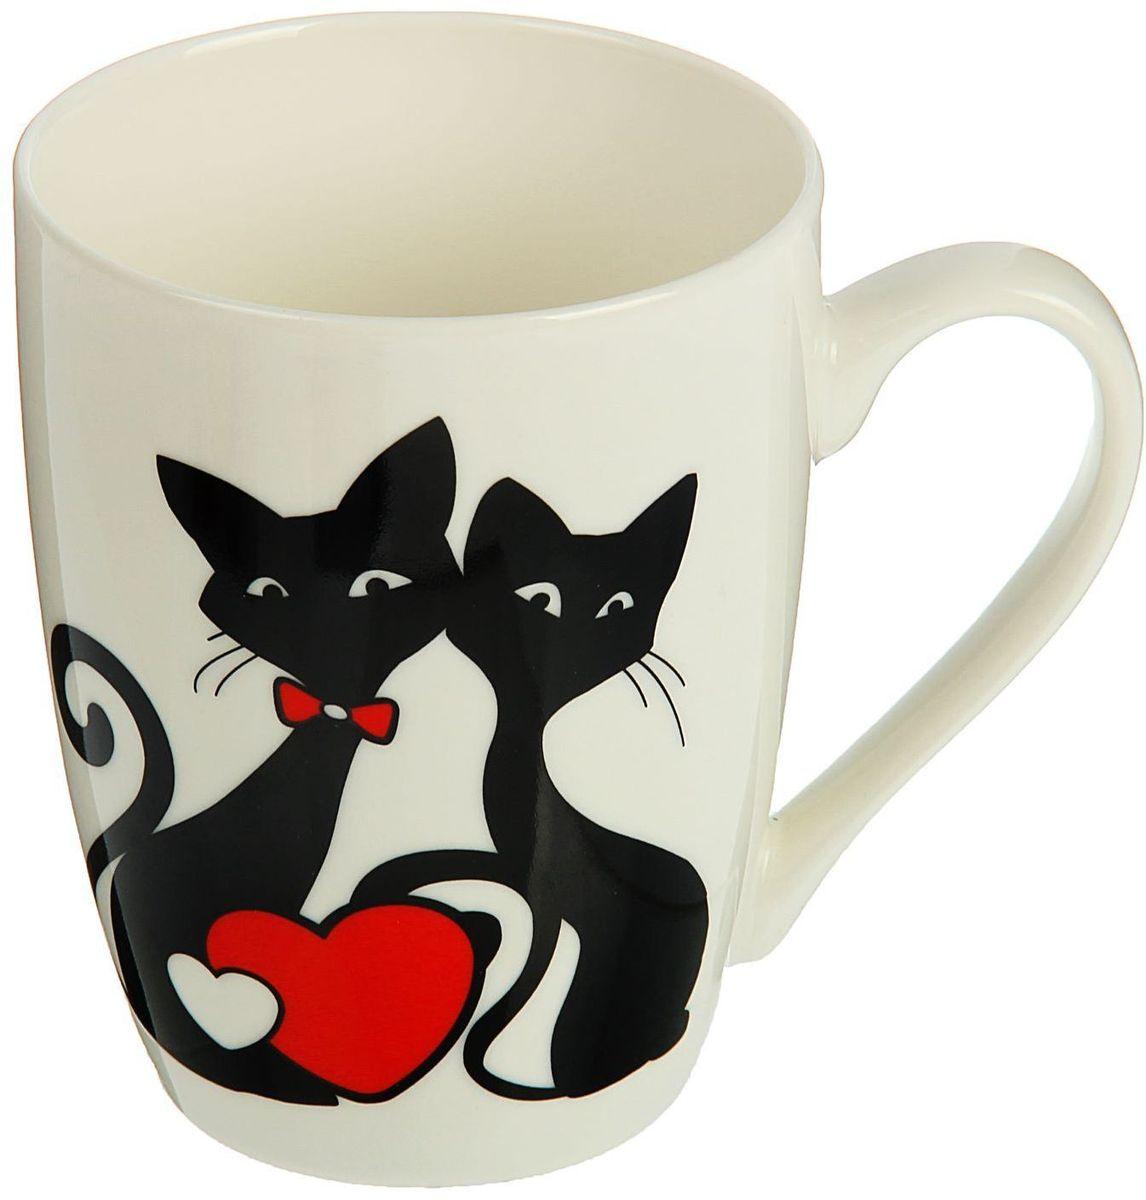 Кружка Доляна Милые котики, 350 мл1625297Кружка Доляна Милые котики изготовлена из керамики. Она украшена оригинальным рисунком с котами.Кружка станет отличным подарком для родных и близких. Это любимый аксессуар на долгие годы. Относитесь к изделию бережно, и оно будет дарить прекрасное настроение каждый день.